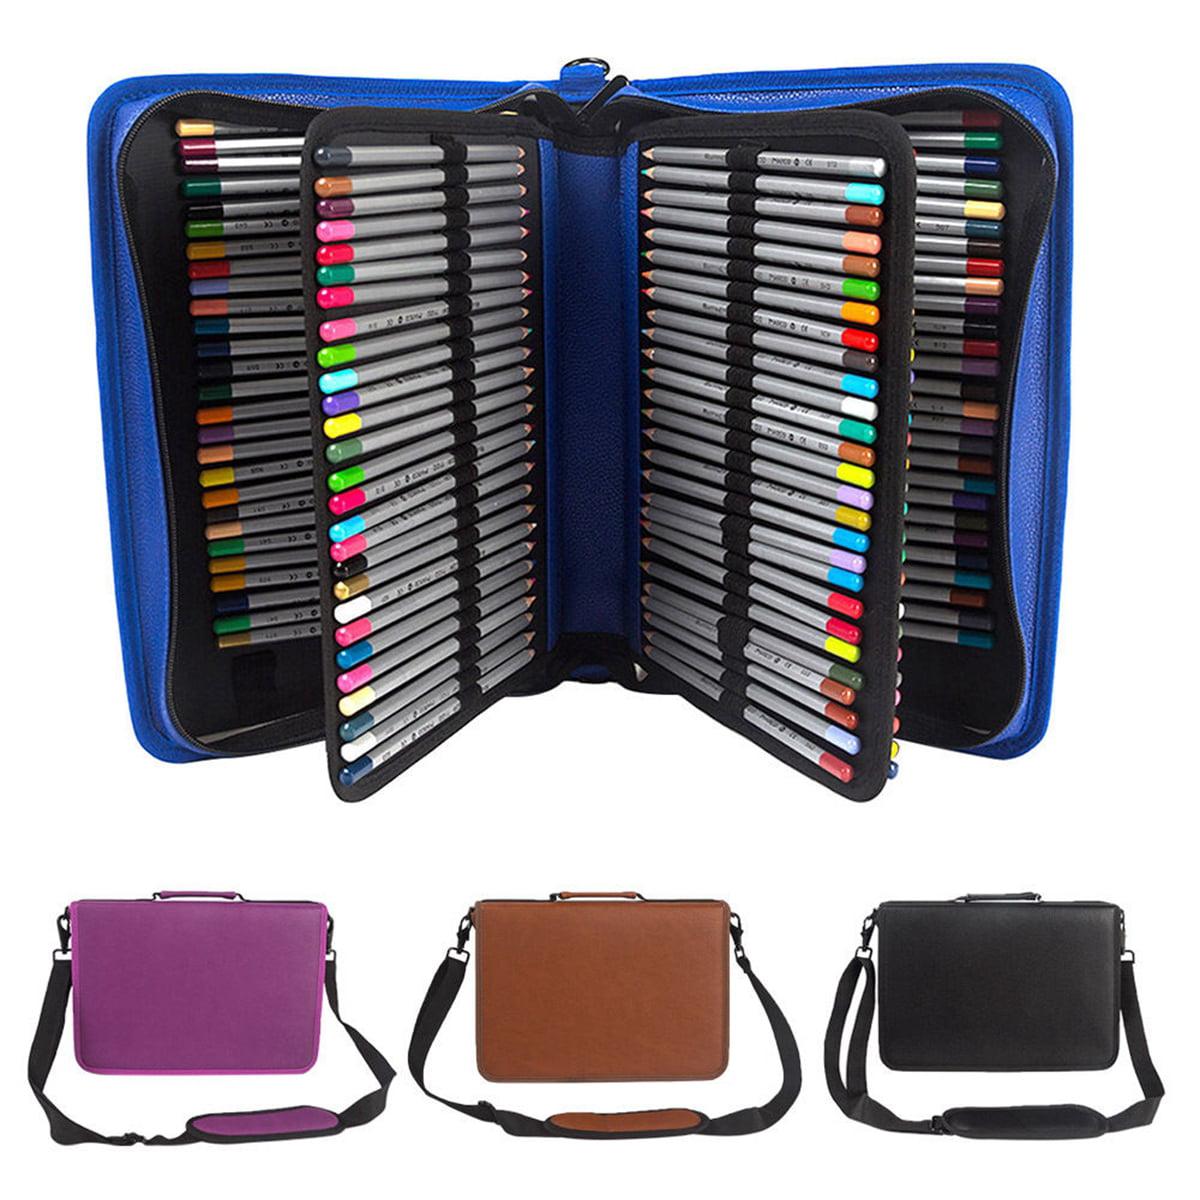 160 Slots Pencil Pen Case Holder Pouch PU Leather Eraser Art Supply Shoulder Bag,Blue color